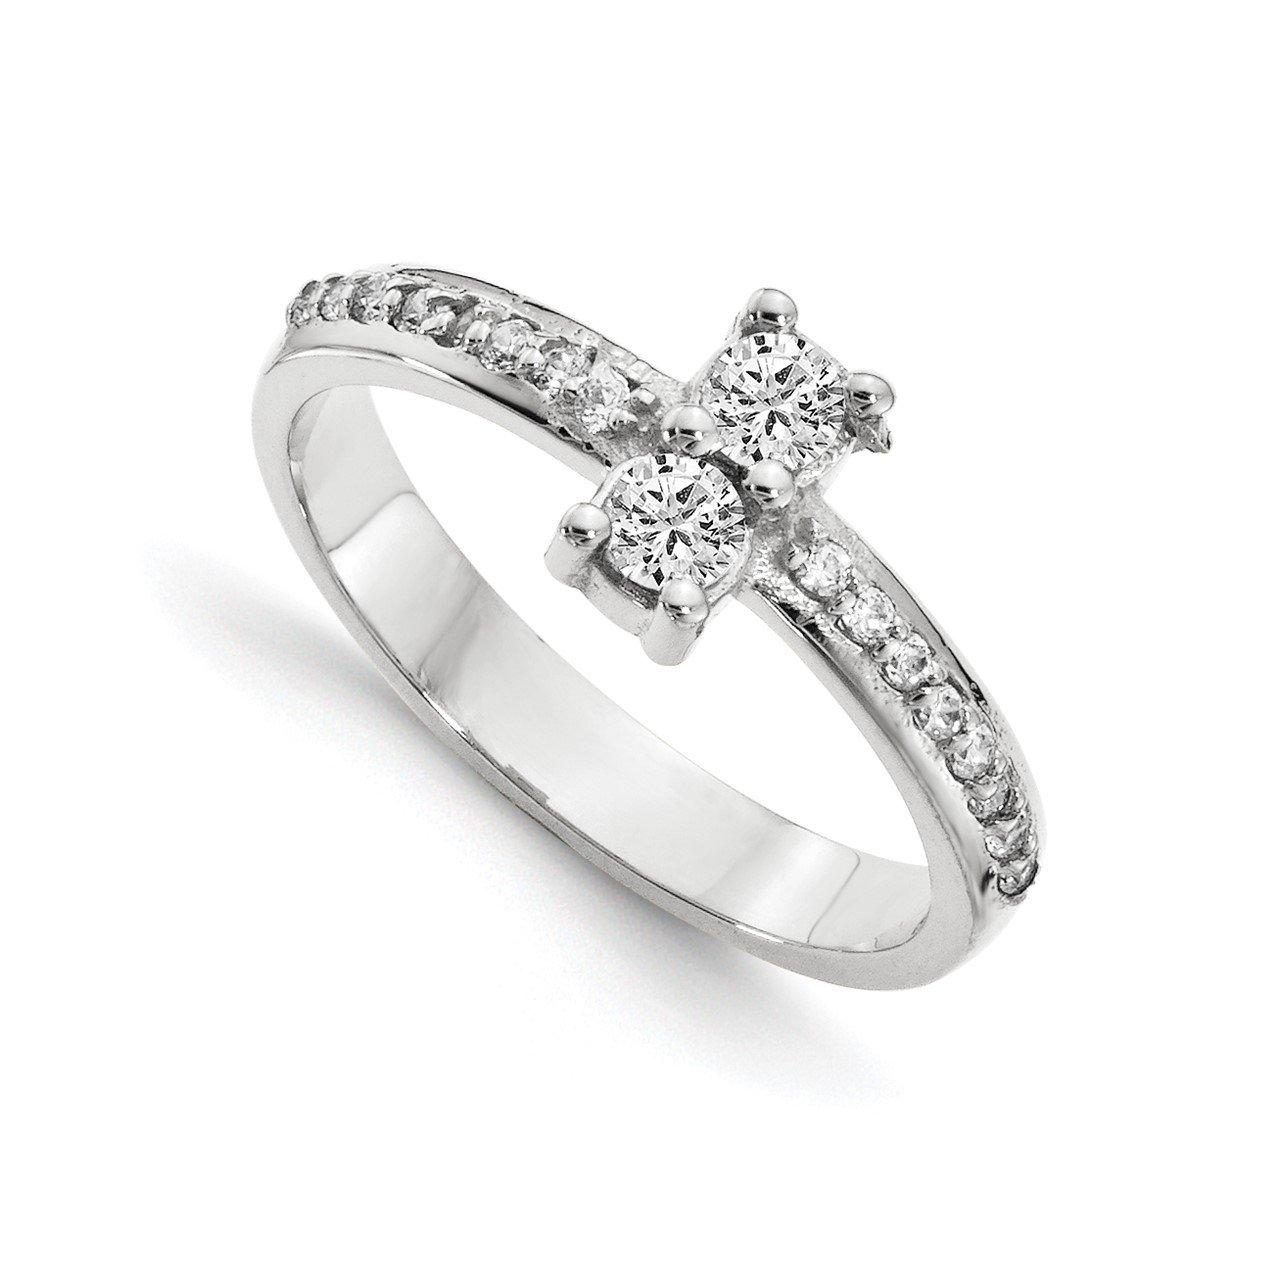 14KW AA Diamond 2-stone Ring Semi-Mount - 2.7 mm center stones